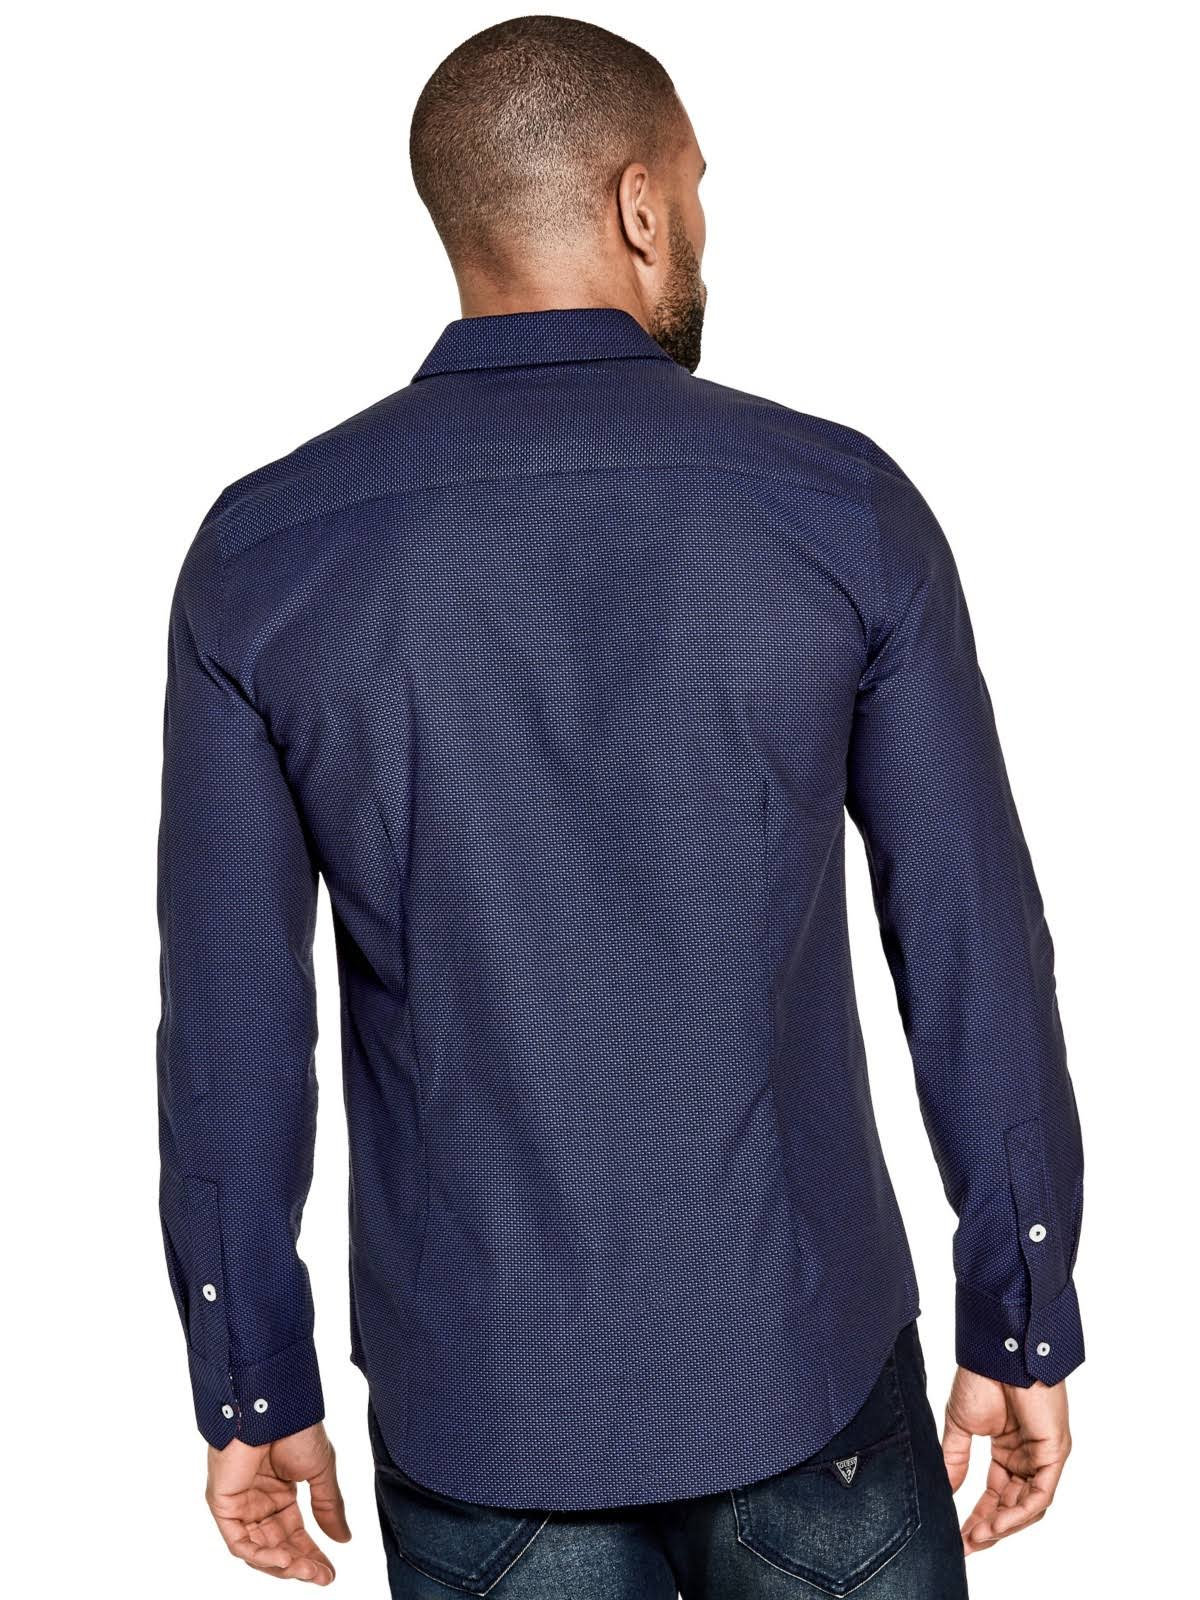 Nightfall En Botones Con Factory Camisa Delantera Guess Chapman Azul Parte La qZwavOxWU